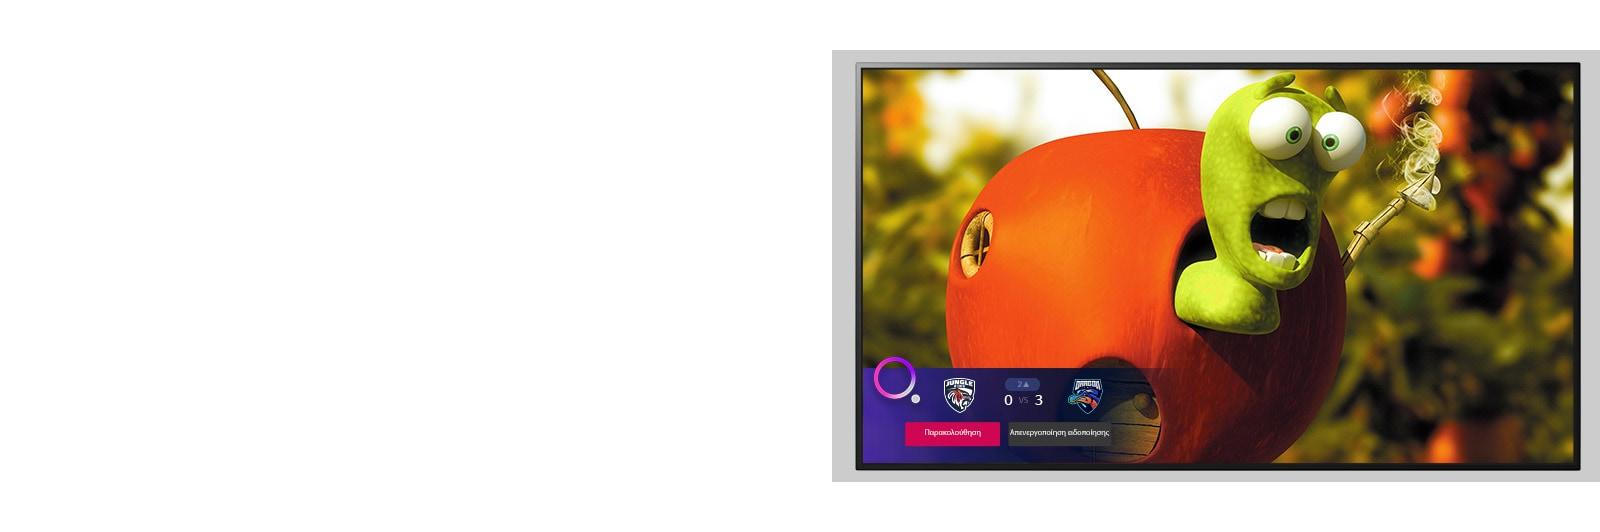 Μια τηλεόραση που παίζει κινούμενα σχέδια και μια ειδοποίηση για αθλητικά στο κάτω μέρος της οθόνης.